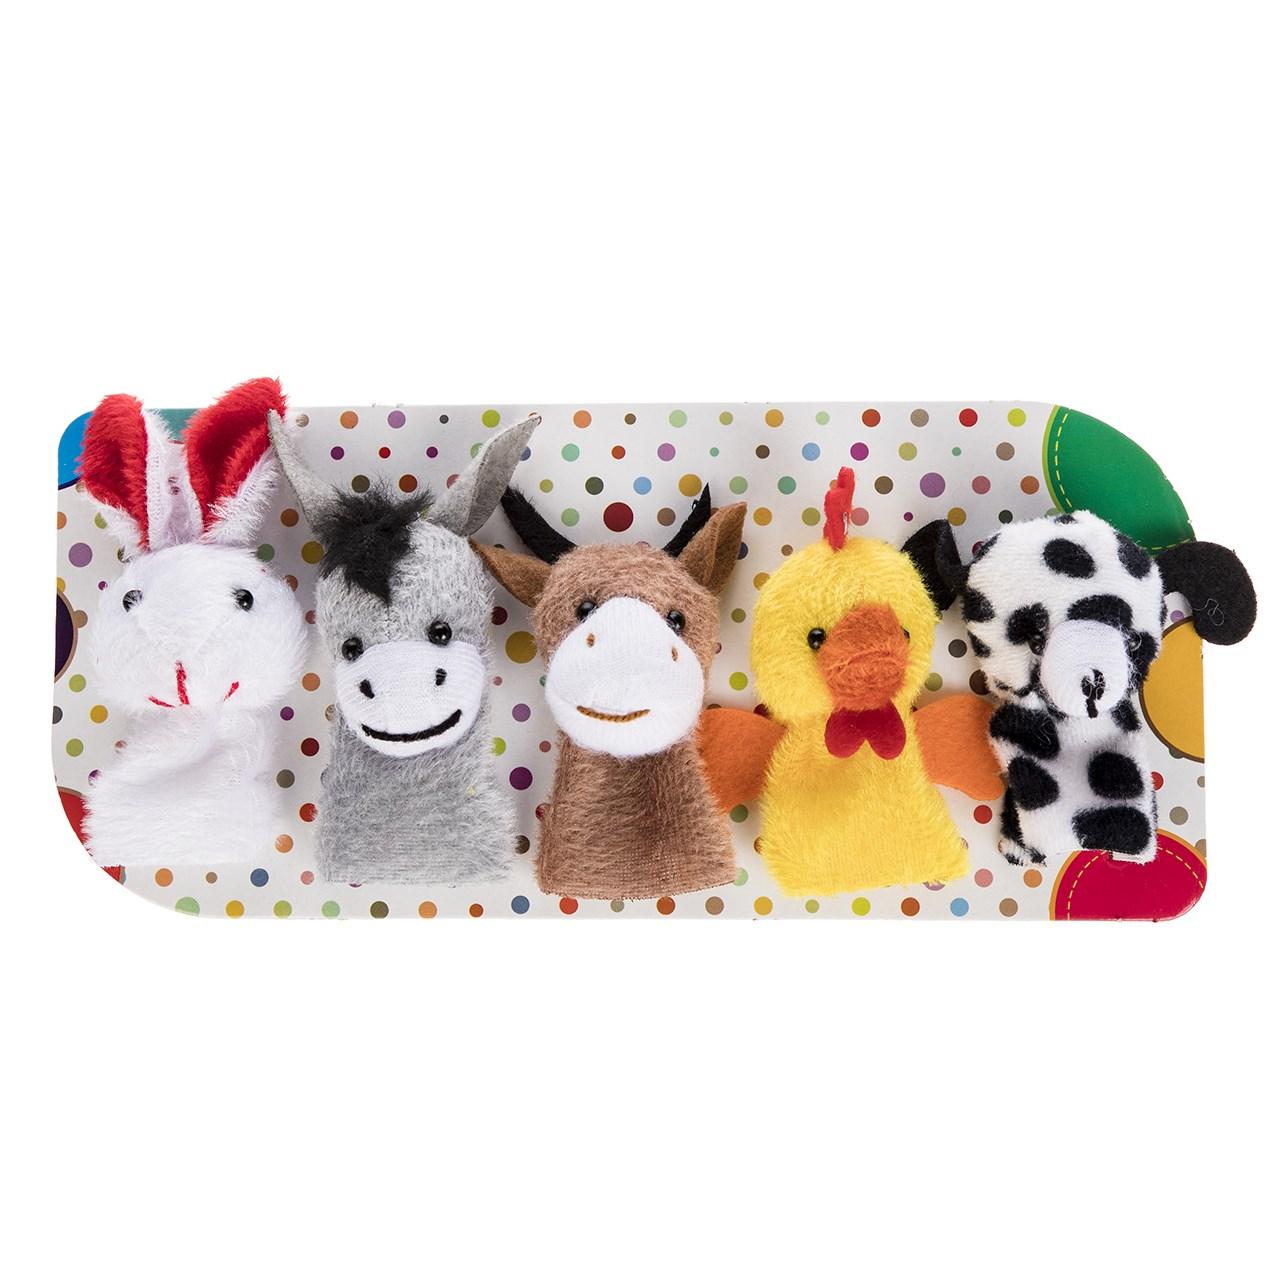 خرید                     عروسک انگشتی پرشین صبا مدل Animals بسته 5 عددی